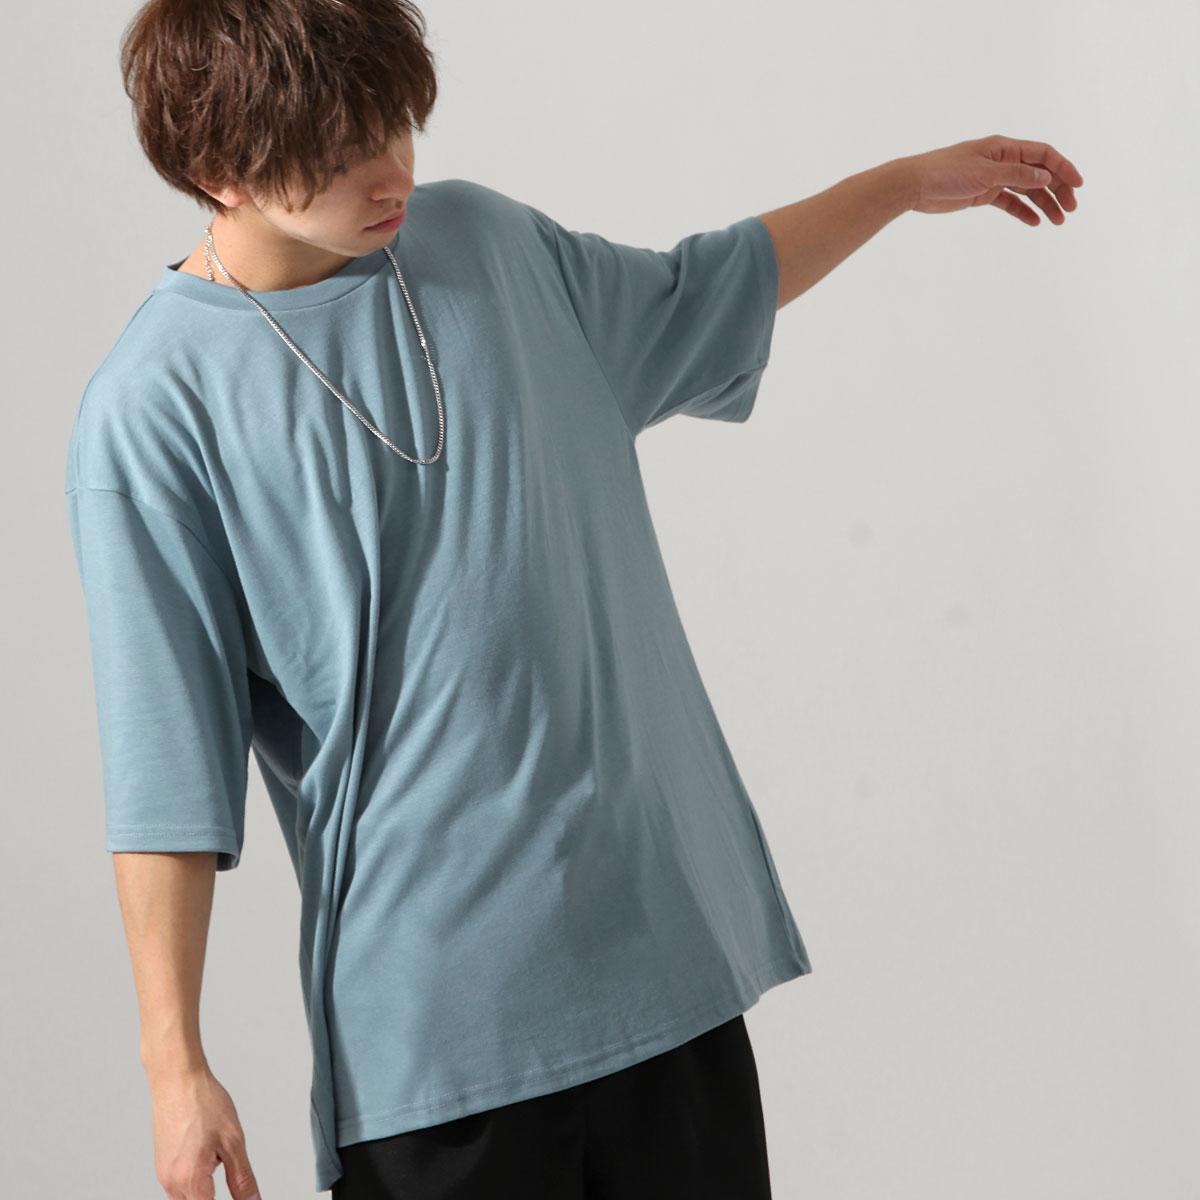 【ZIP】五分袖T恤 寬版 1